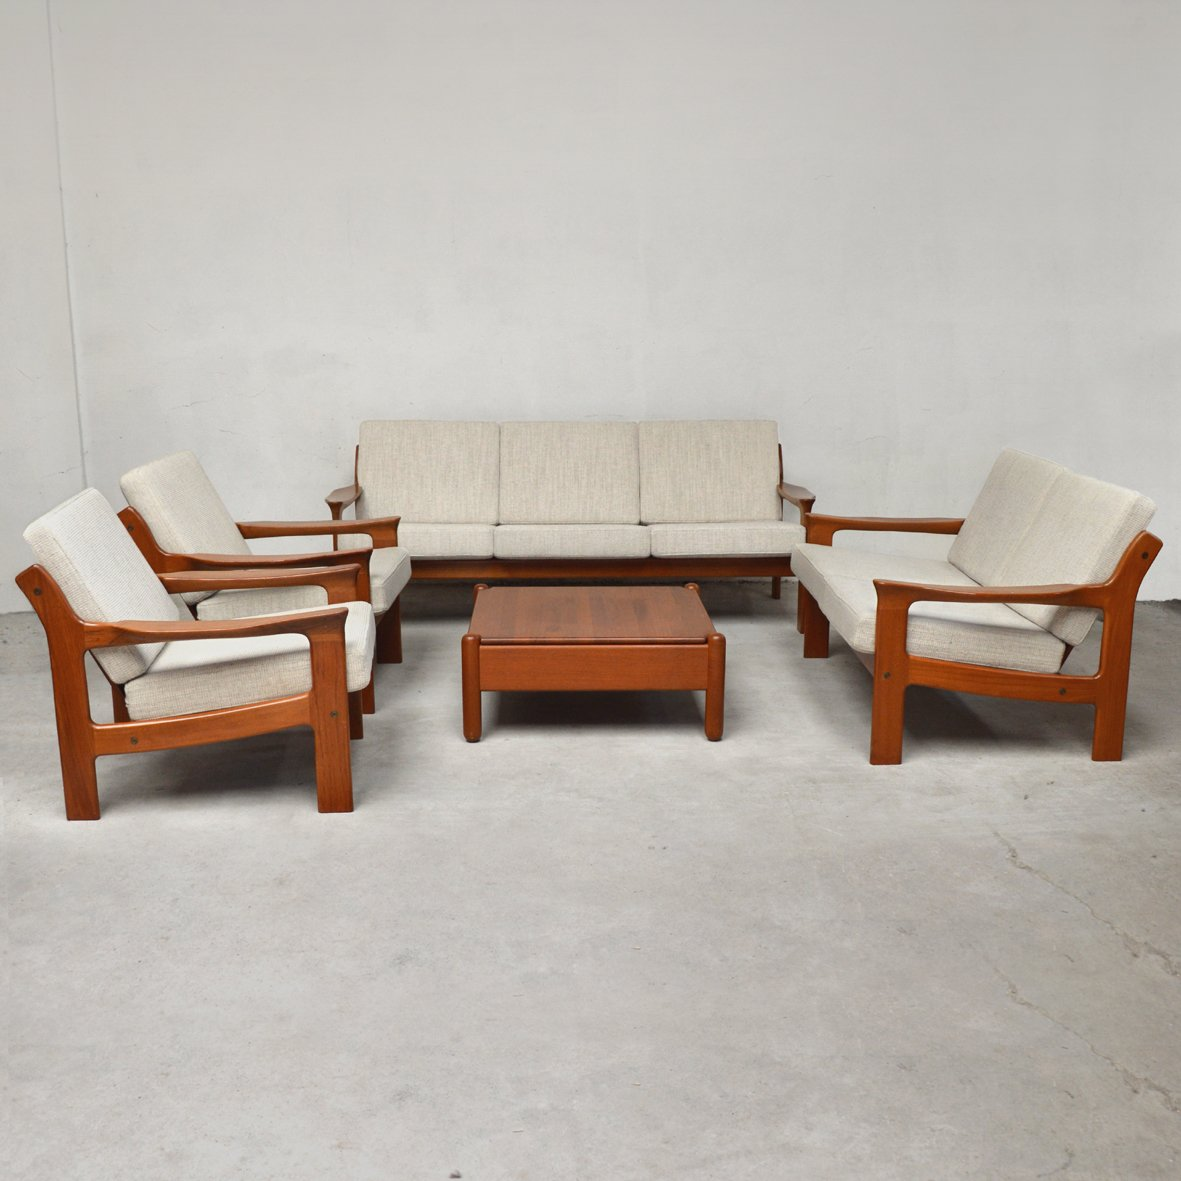 Mobilier de salon de mikael laursen 1960s en vente sur pamono for Mobilier de salon